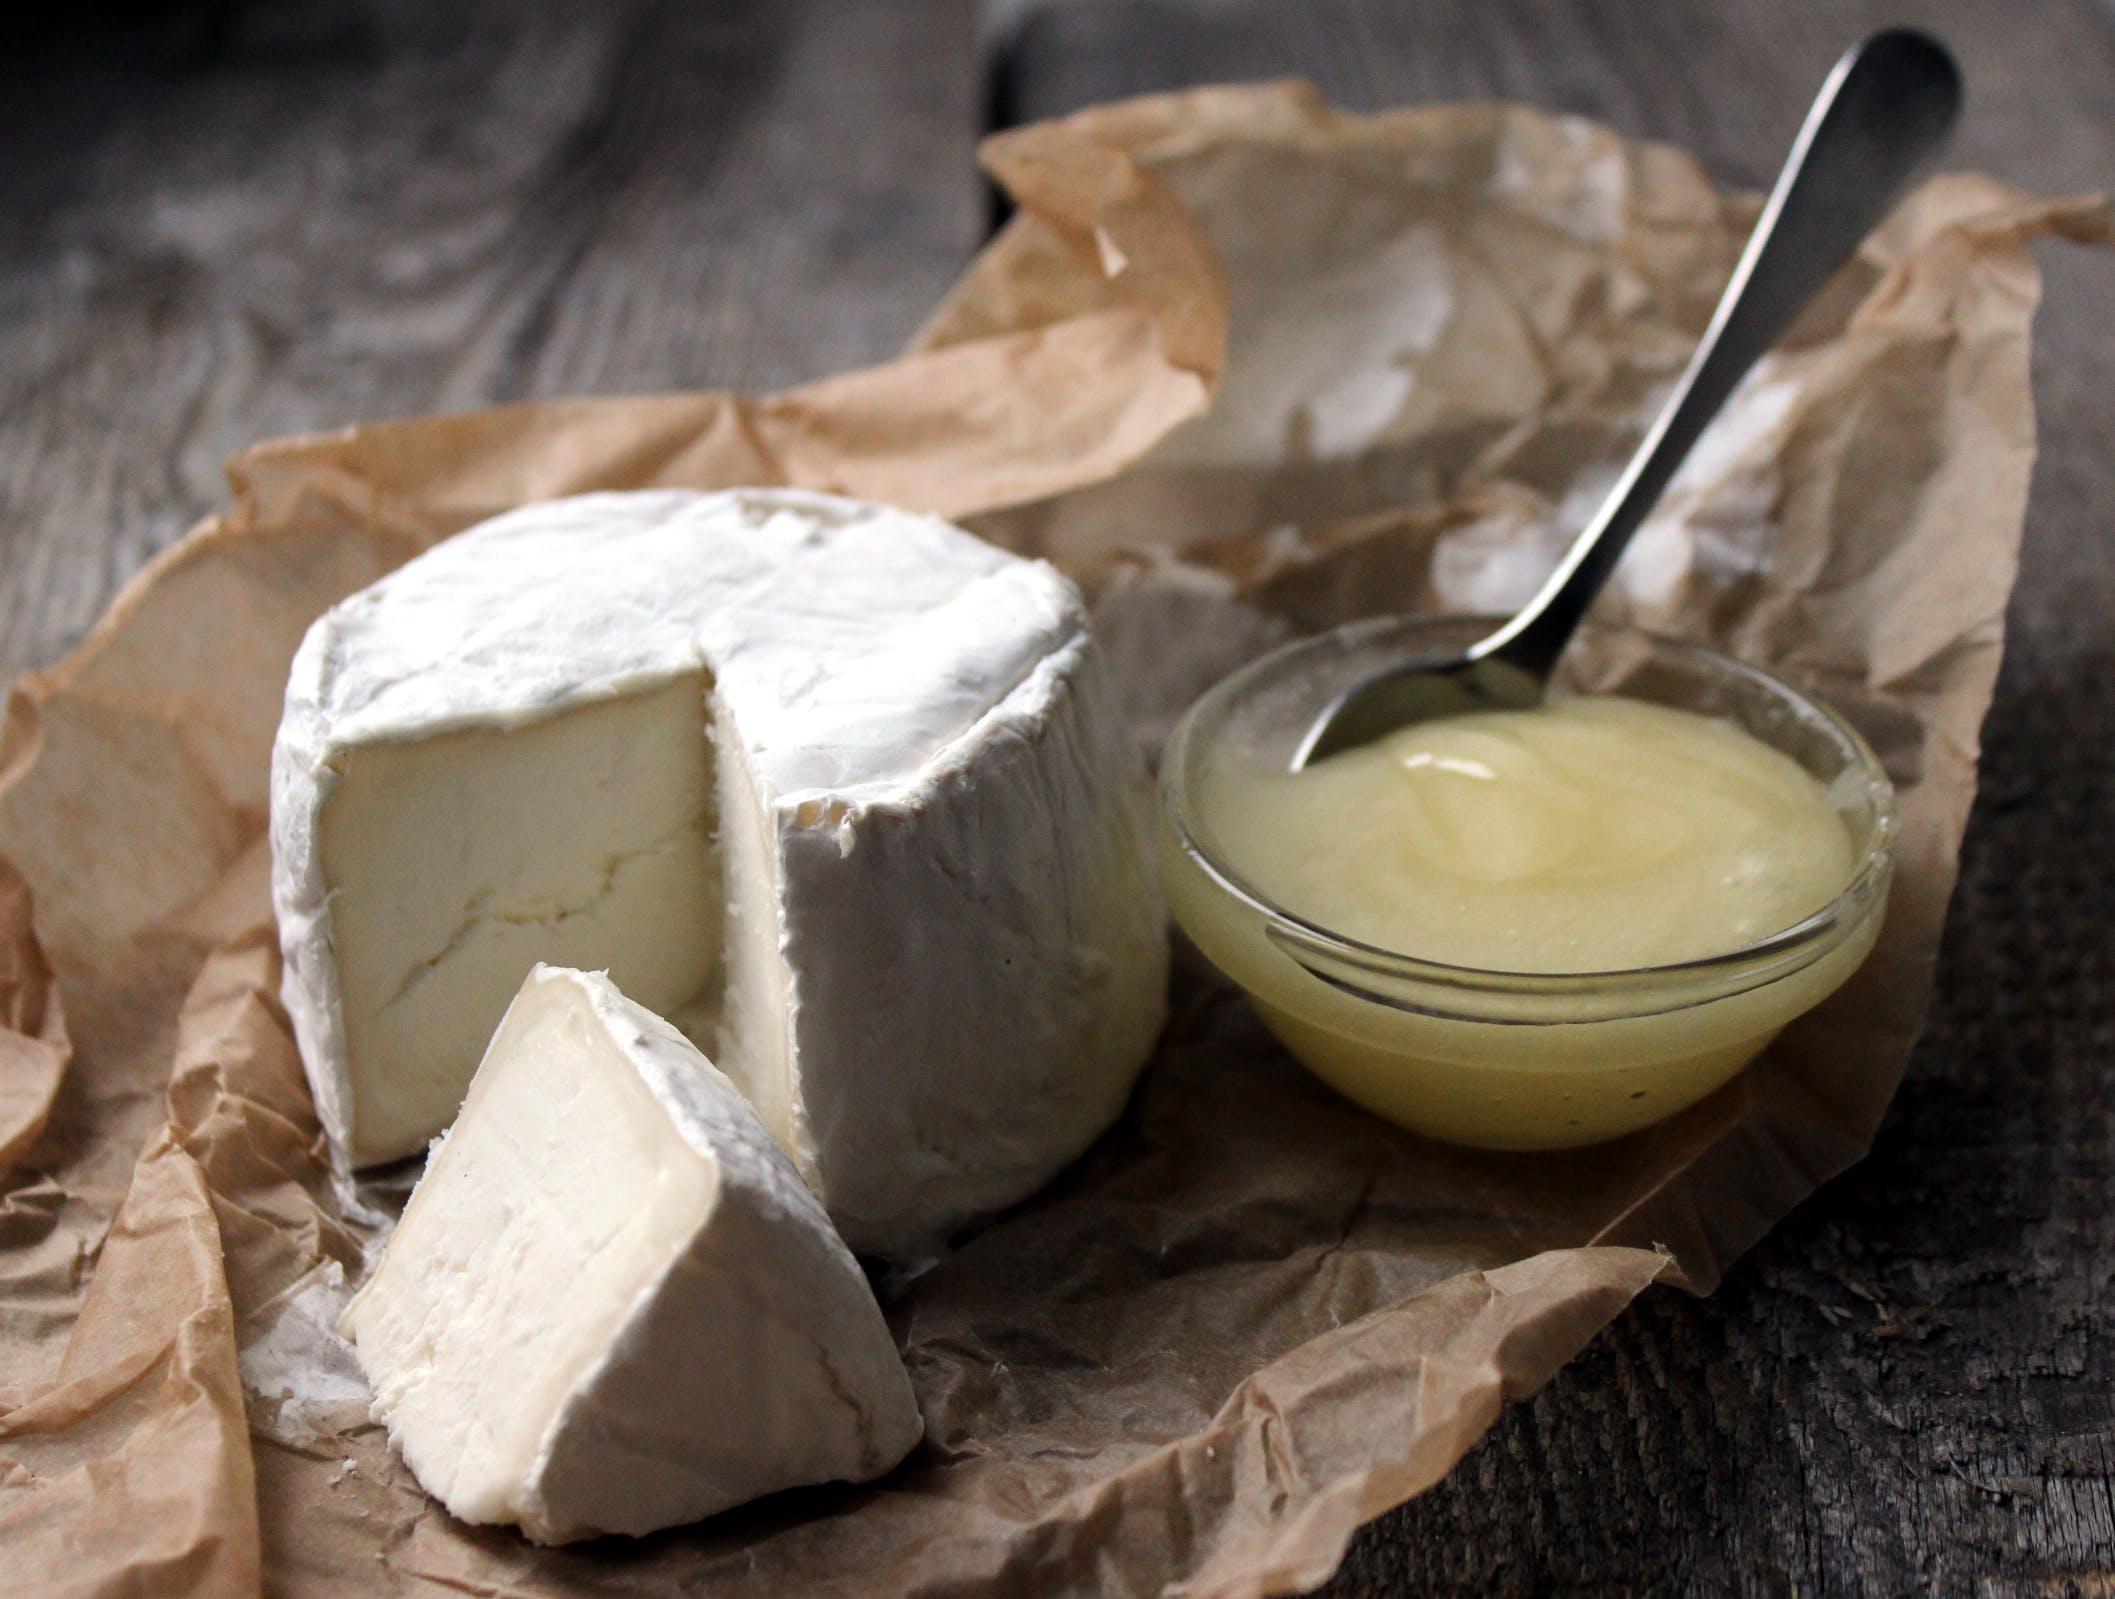 Kostenloses Stock Foto zu brot, butter, essen, genuss